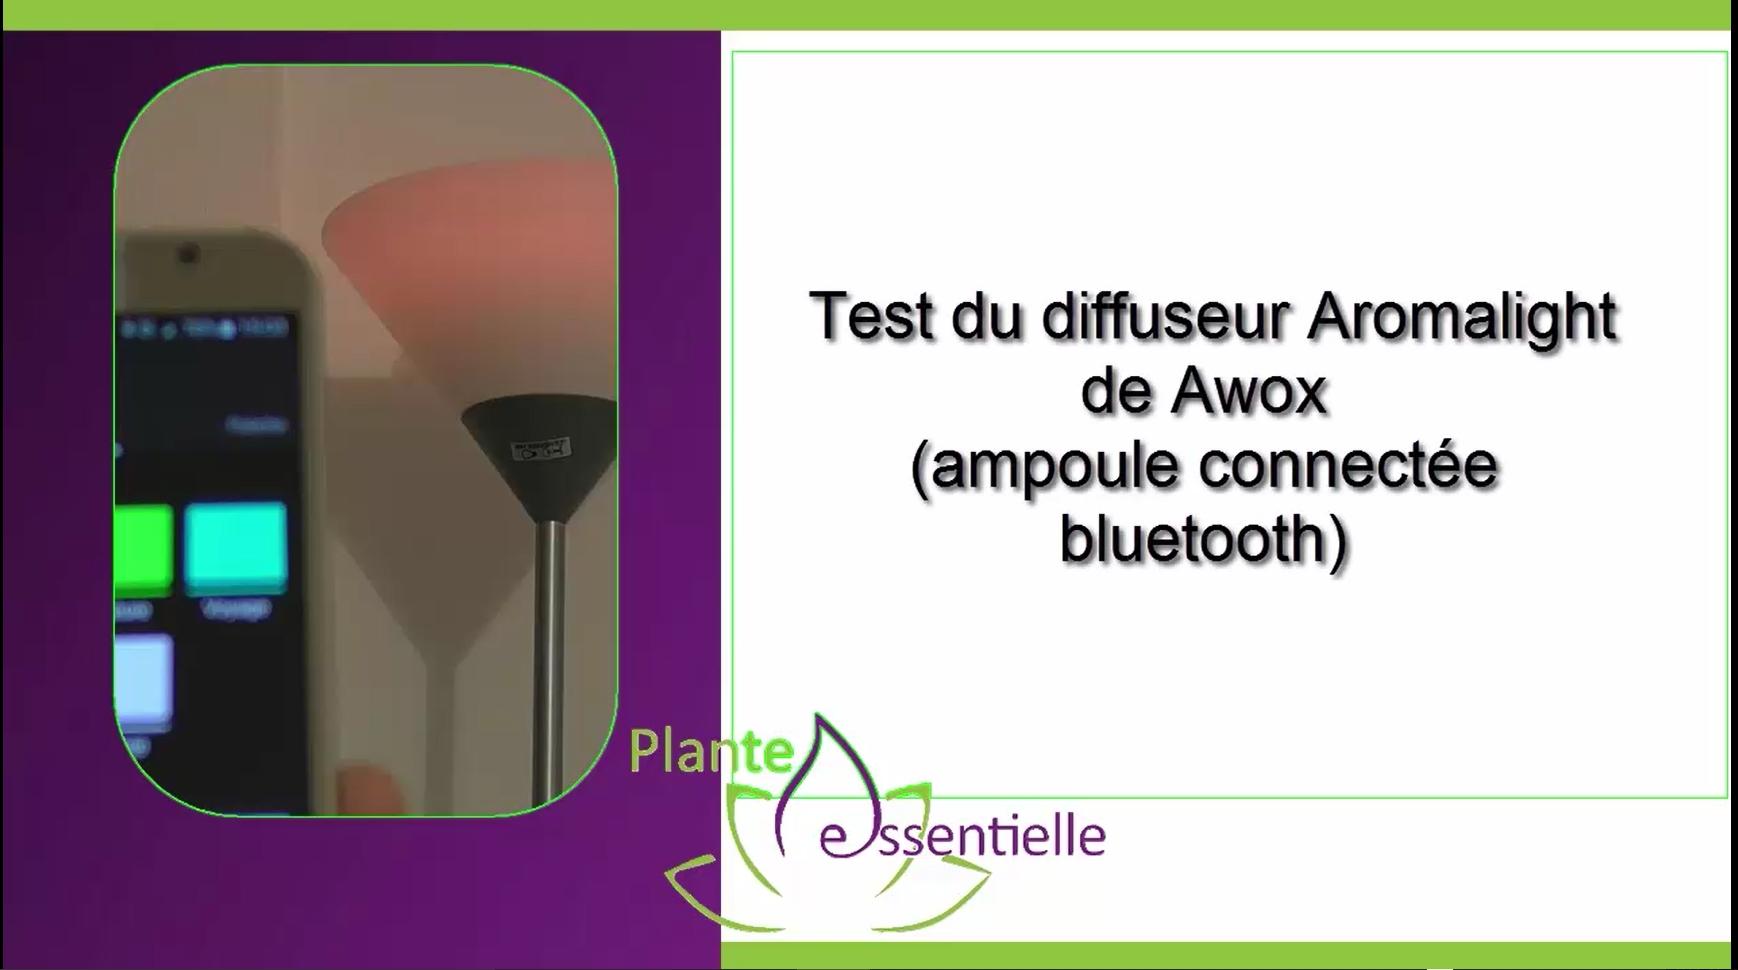 Test du diffuseur LED aromalight de Awox